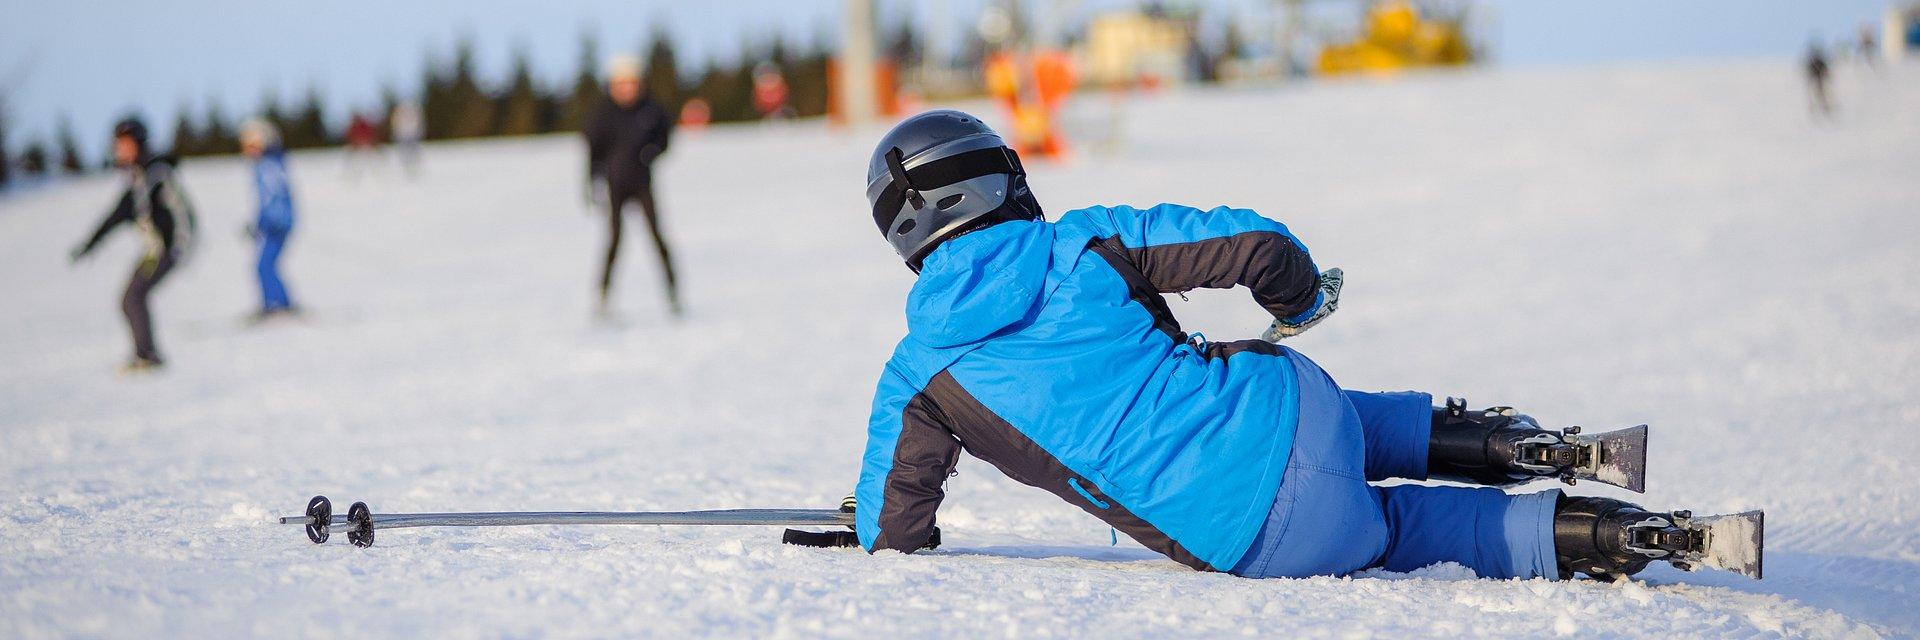 Ubezpieczenie narciarskie. Skuteczna ochrona za mniej niż 90 zł